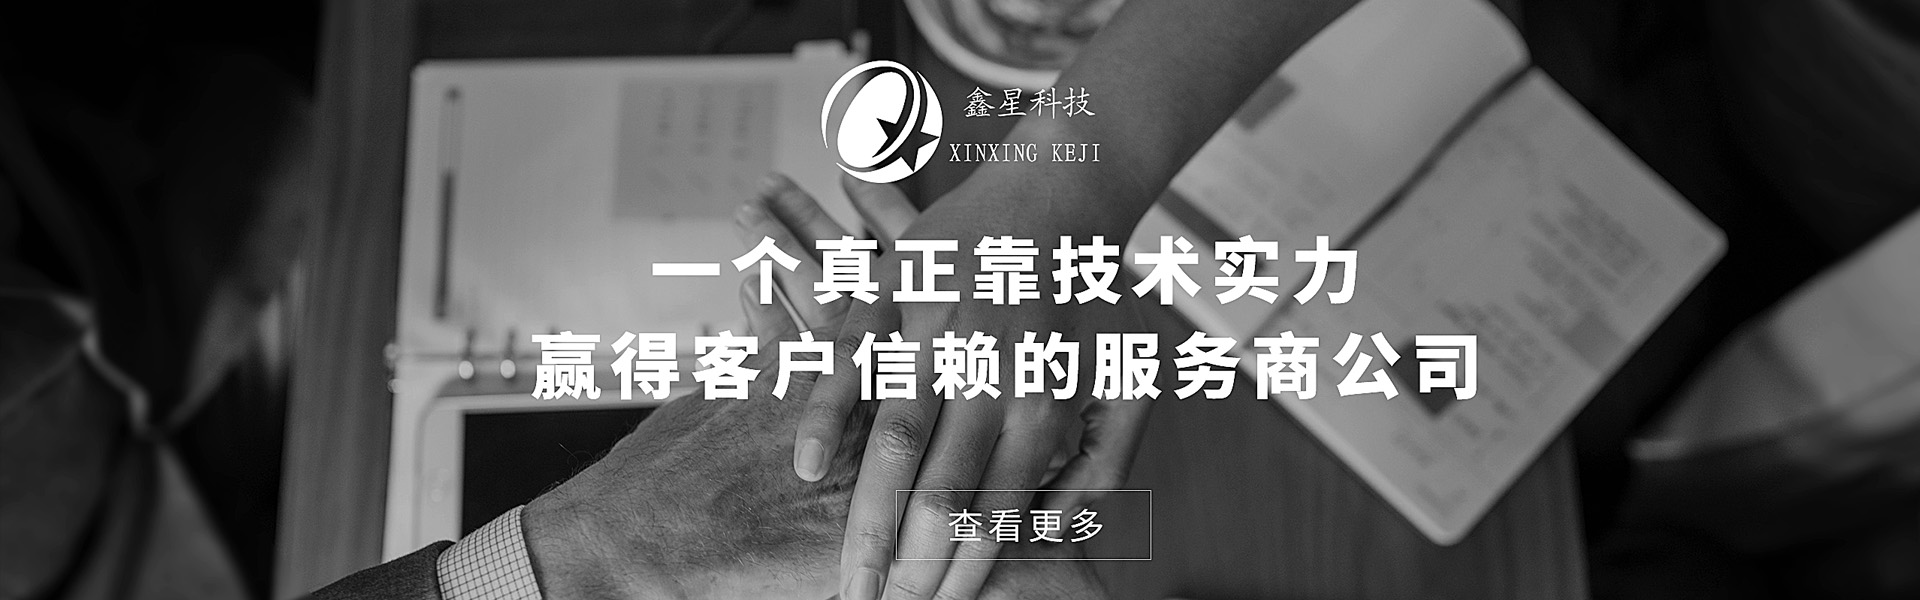 安徽鑫星banner3